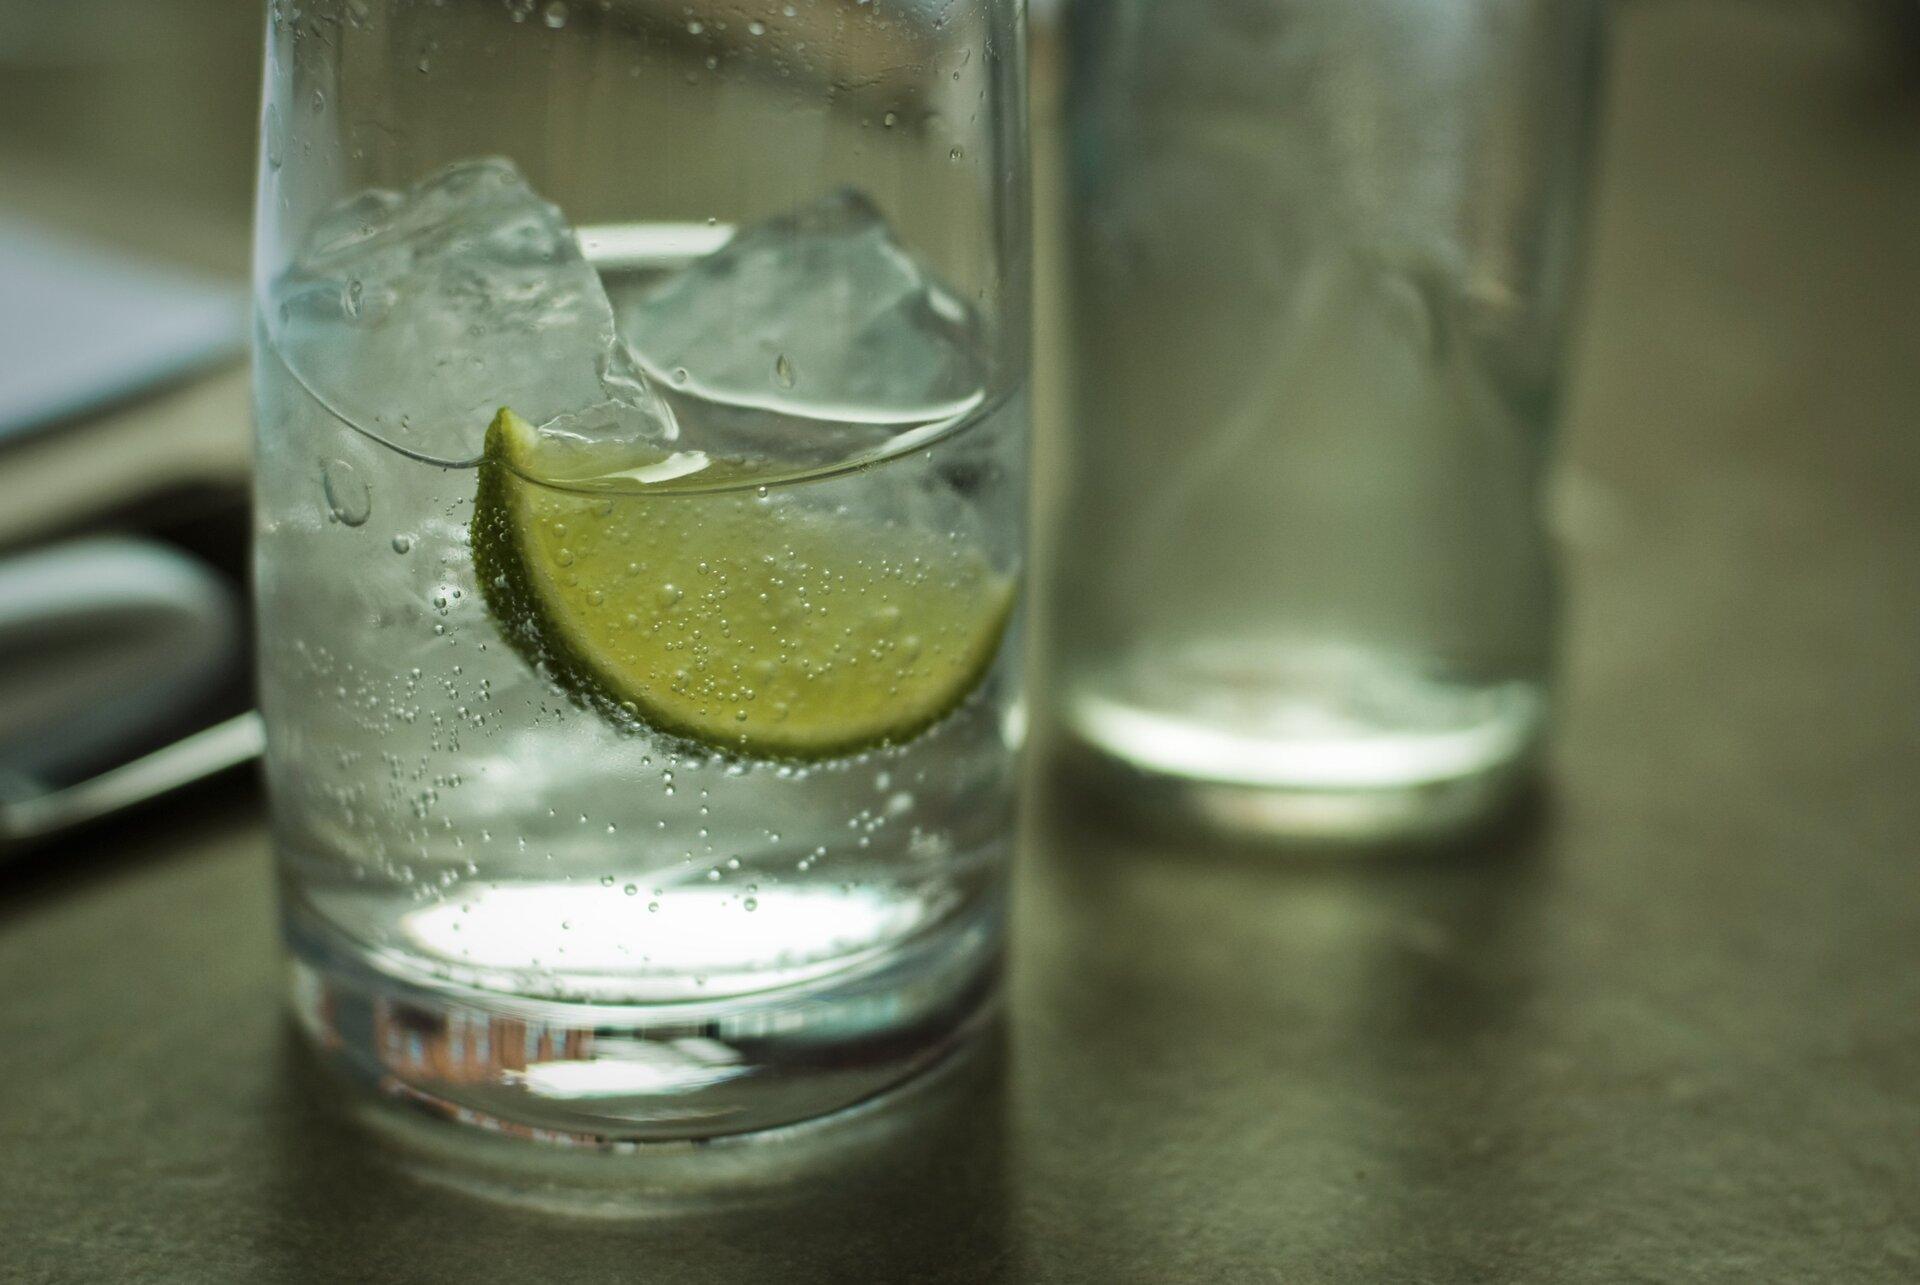 Zdjęcie przedstawia stojącą na stole szklankę do połowy napełnioną wodą mineralną ipływającymi wniej kostkami lodu iplastrem limonki. Wtle zdjęcia wobszarze nieostrości znajdują się pusta szklanka iinne nierozpoznawalne przedmioty.